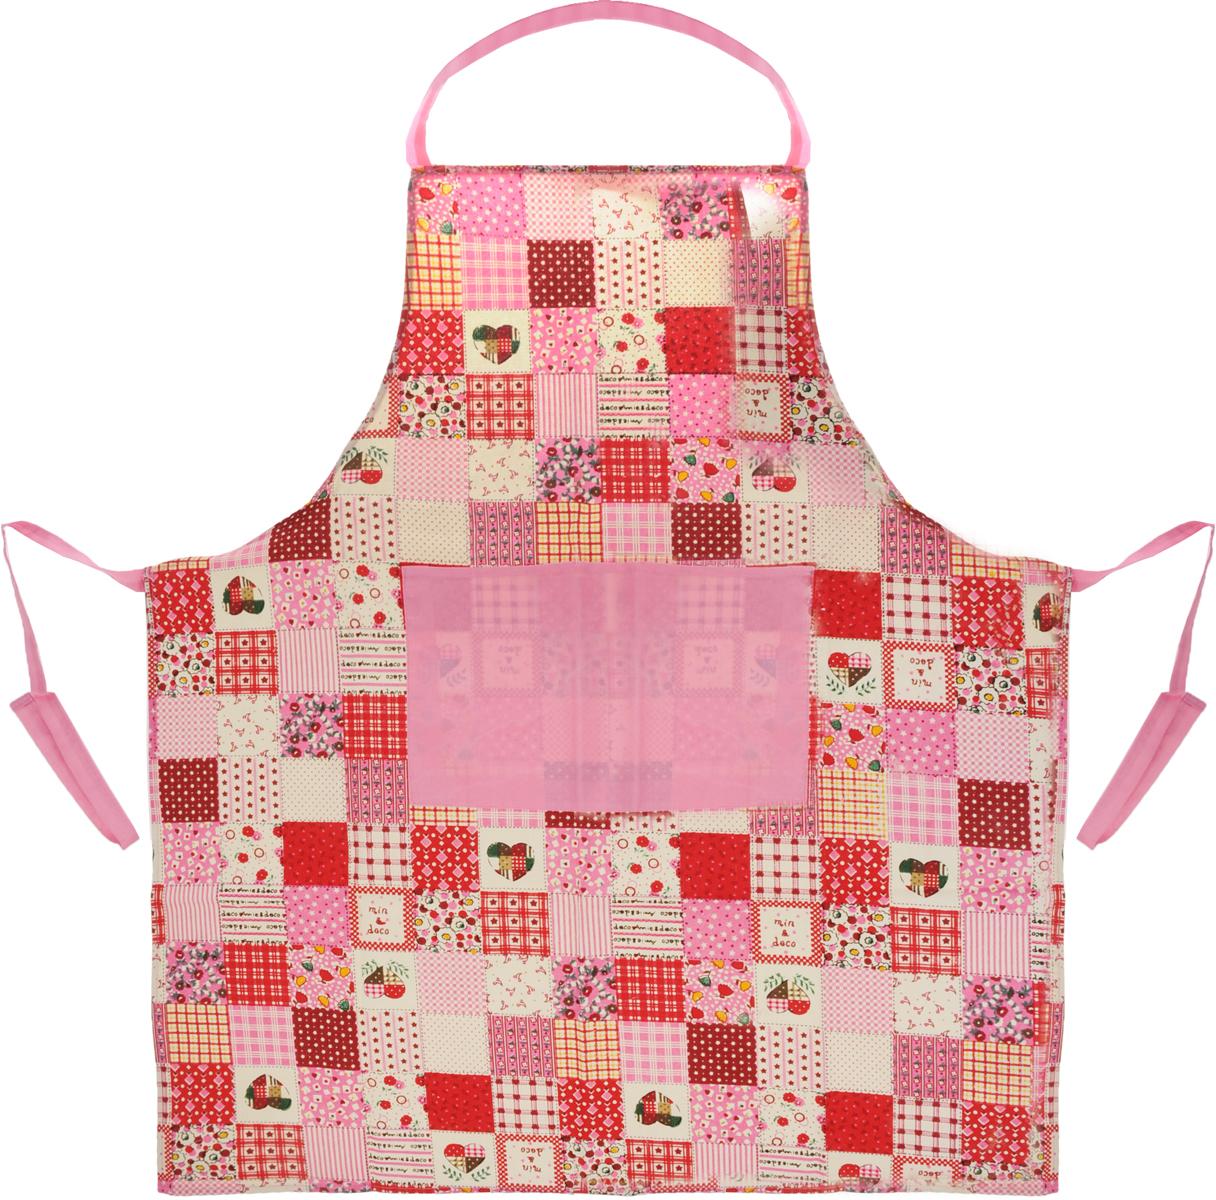 Фартук Schaefer Яркие краски, цвет: розовый, красный, коричневый, 70 х 80 см07233-116_2Фартук Schaefer, выполненный из полиэстера и хлопка, оформлен печатным рисунком в виде цветов. На лицевой стороне фартука расположен карман. Фартук будет незаменимым помощником на вашей кухне. Фартук привнесет положительные эмоции и убережет вашу одежду от случайных загрязнений. Размер фартука: 70 х 80 см.